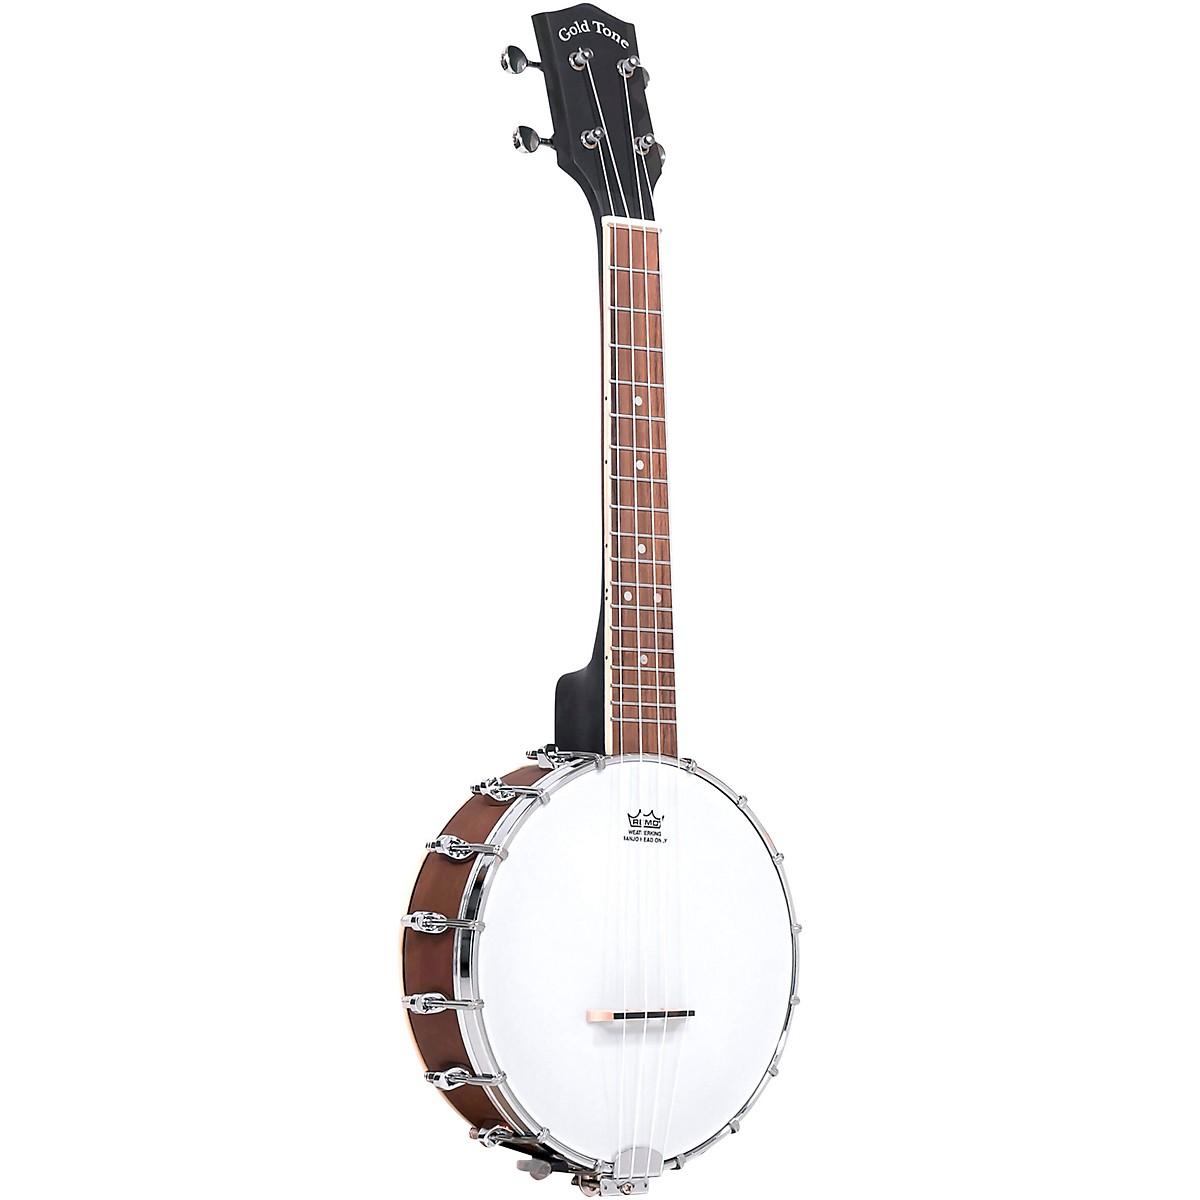 Gold Tone BUC Concert Banjo Ukulele